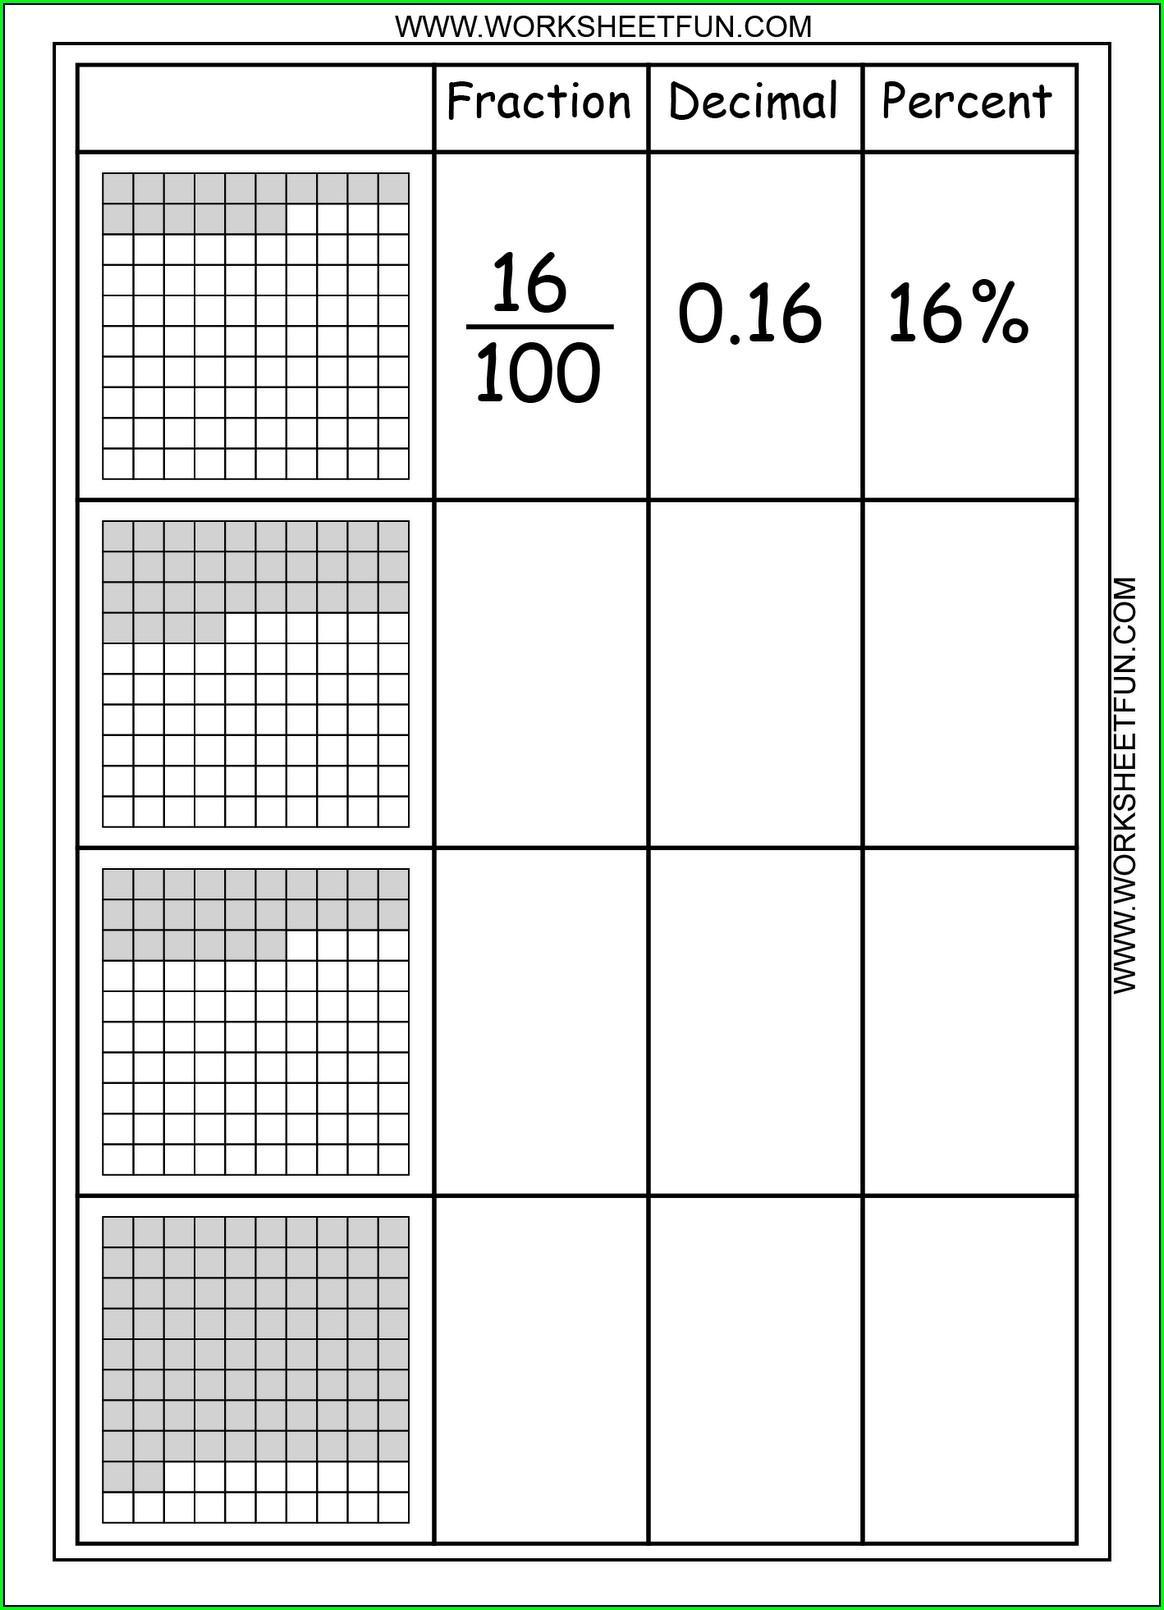 5th Grade Math Worksheets Fractions Decimals And Percents